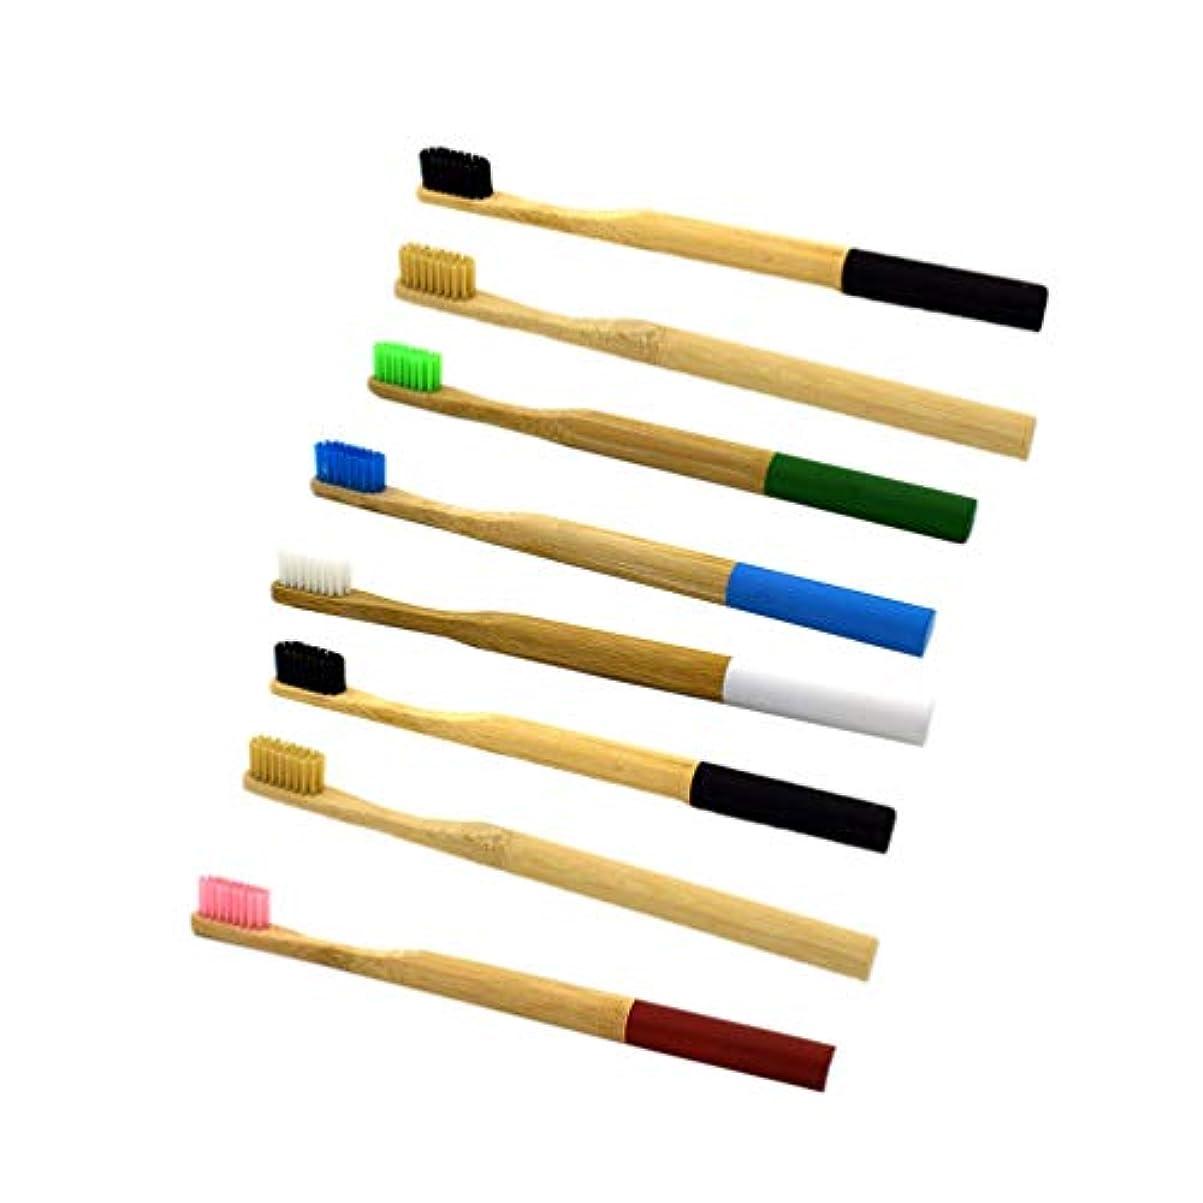 マイルストーン放課後ショートカットSUPVOX 柔らかい剛毛の丸いハンドルが付いている8 PCの自然な竹の歯ブラシ